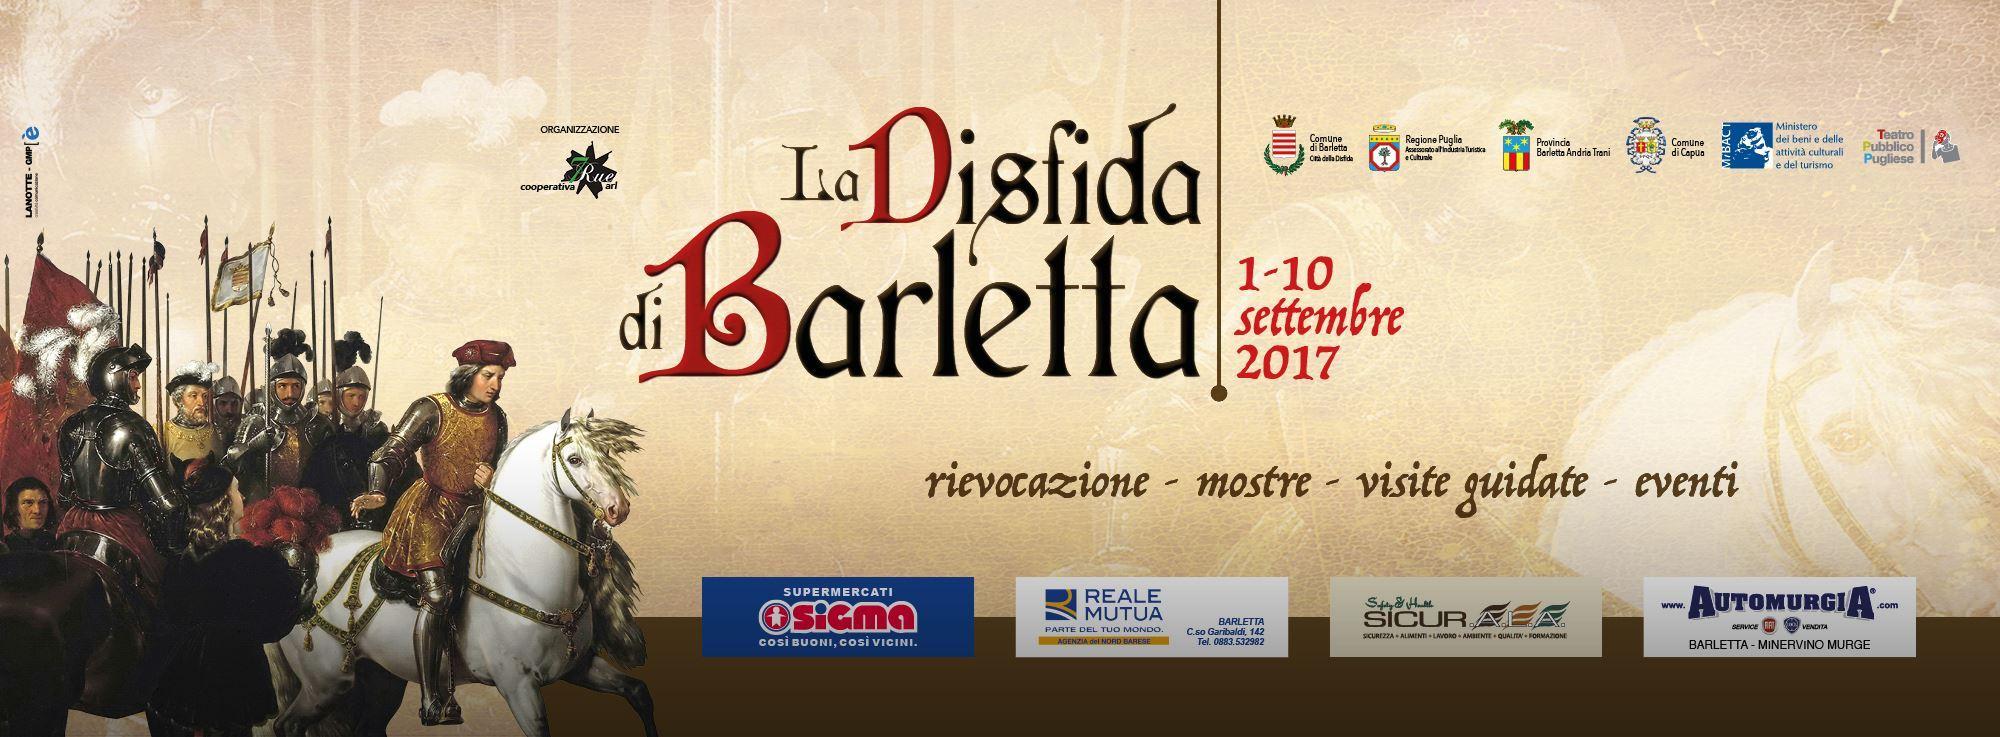 Barletta: La Disfida di Barletta